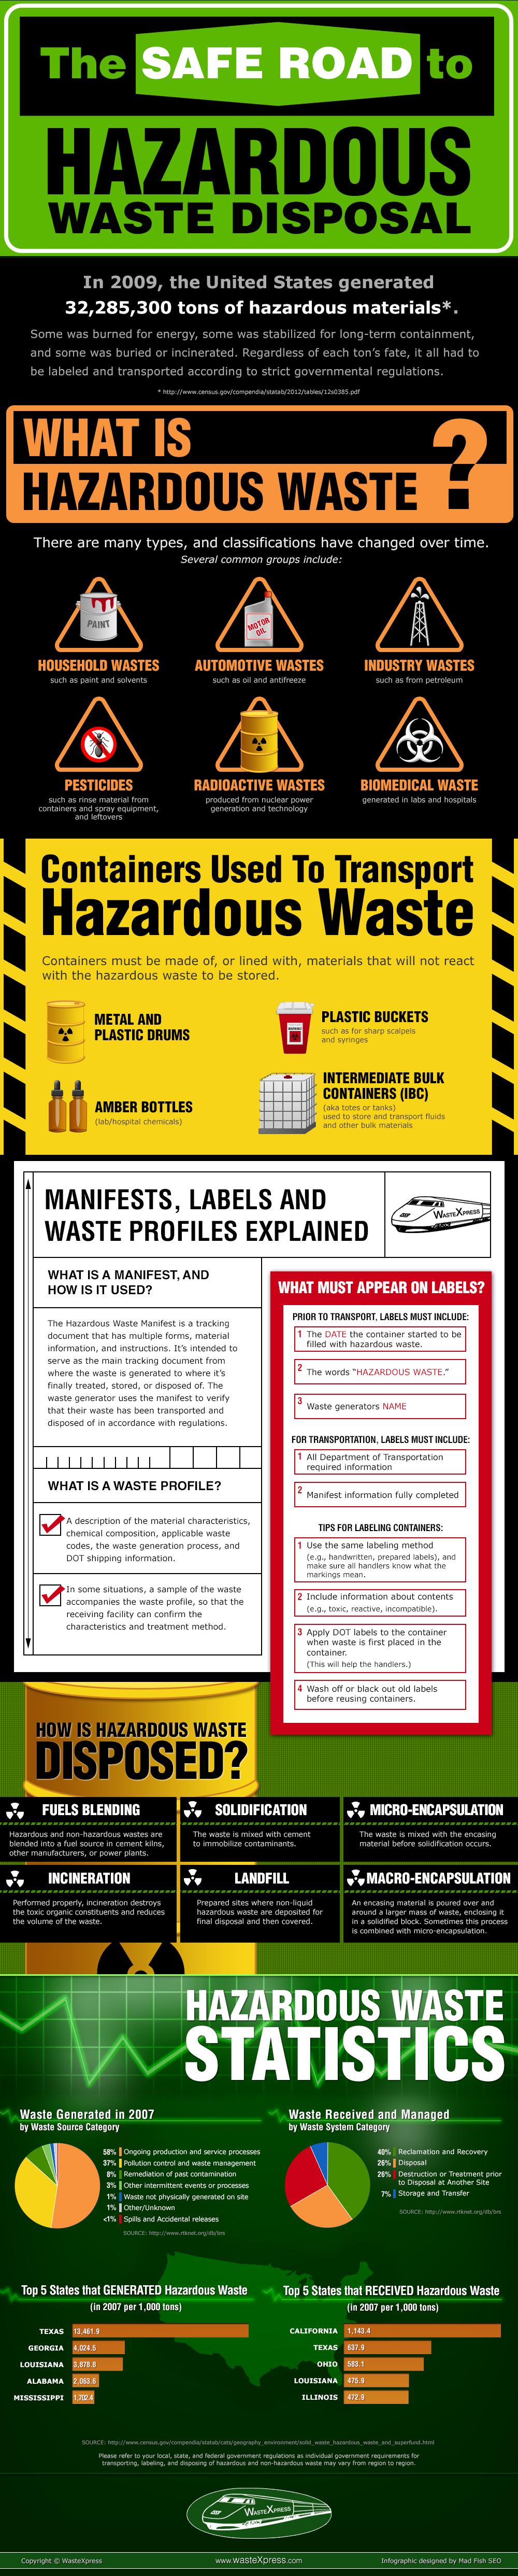 The Safe Road to Hazardous Waste Disposal